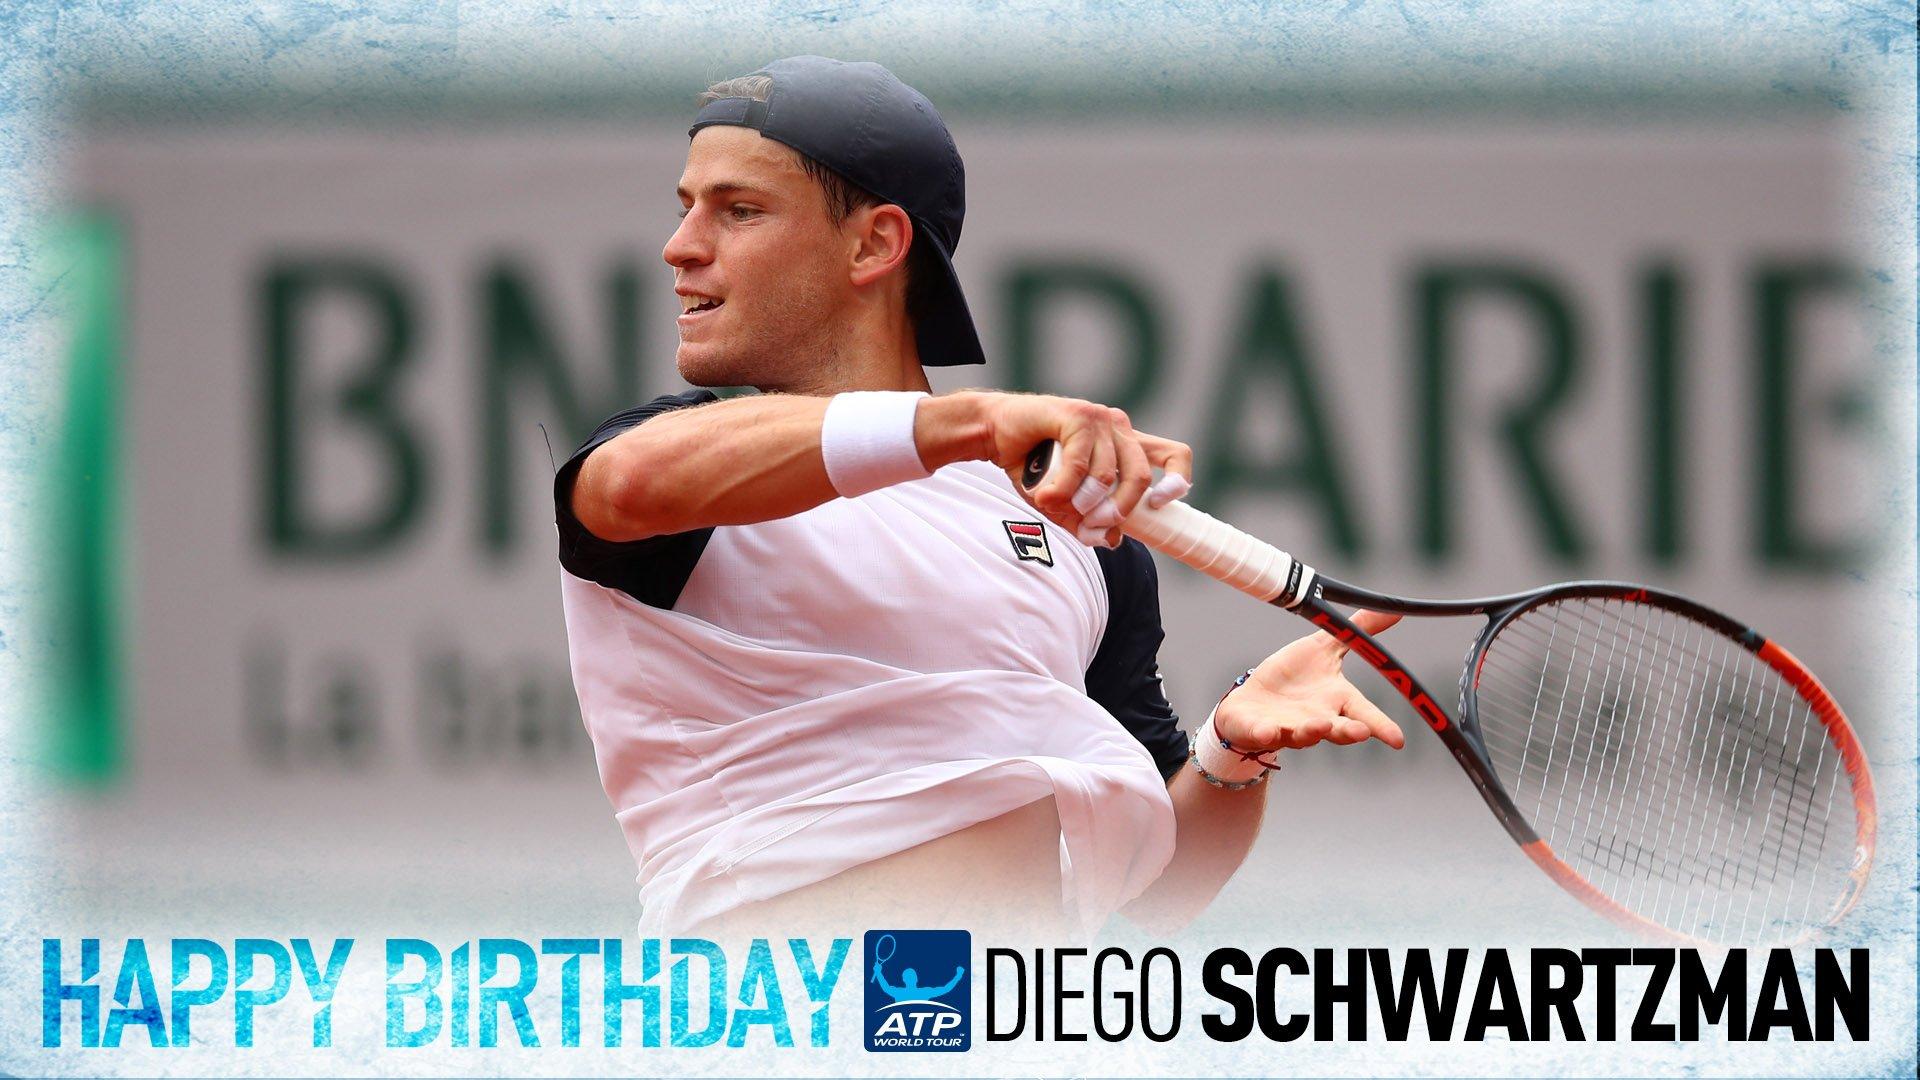 Happy Birthday to @dieschwartzman, who turns 25 today!�� Feliz cumple, Diego! View Profile: https://t.co/f2ewGQN8KZ https://t.co/PTV3JzfsYv